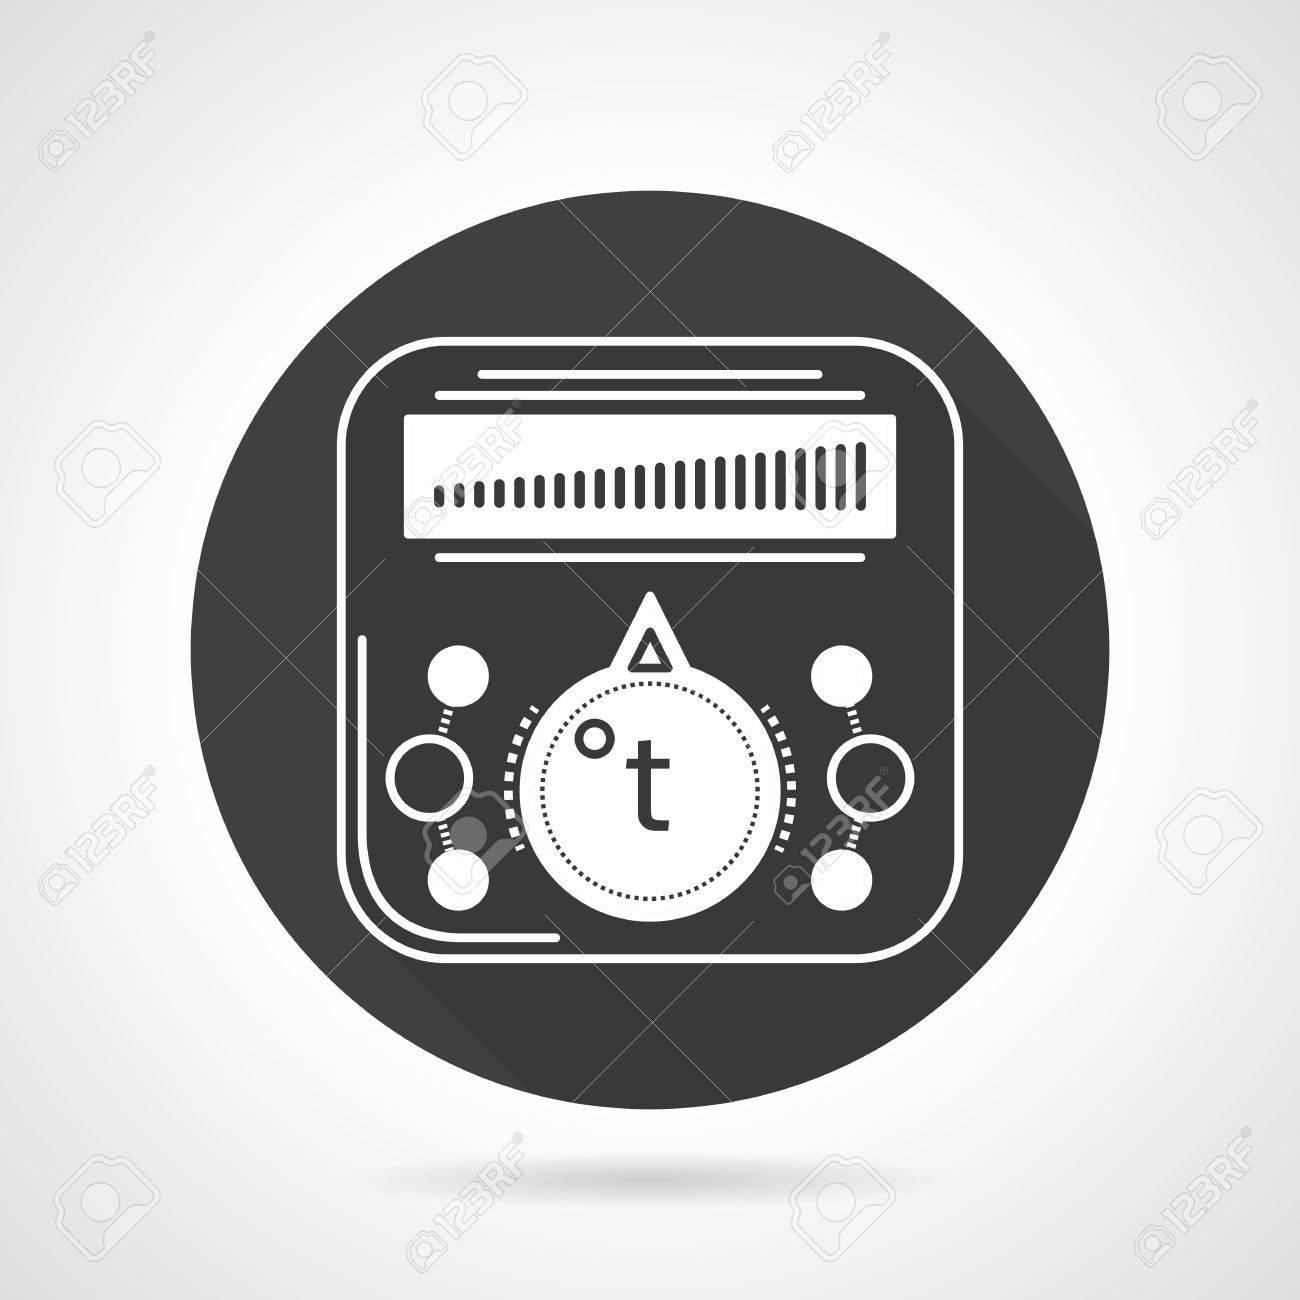 Schön Was Ist Das Symbol Für Einen Schalter Zeitgenössisch - Der ...